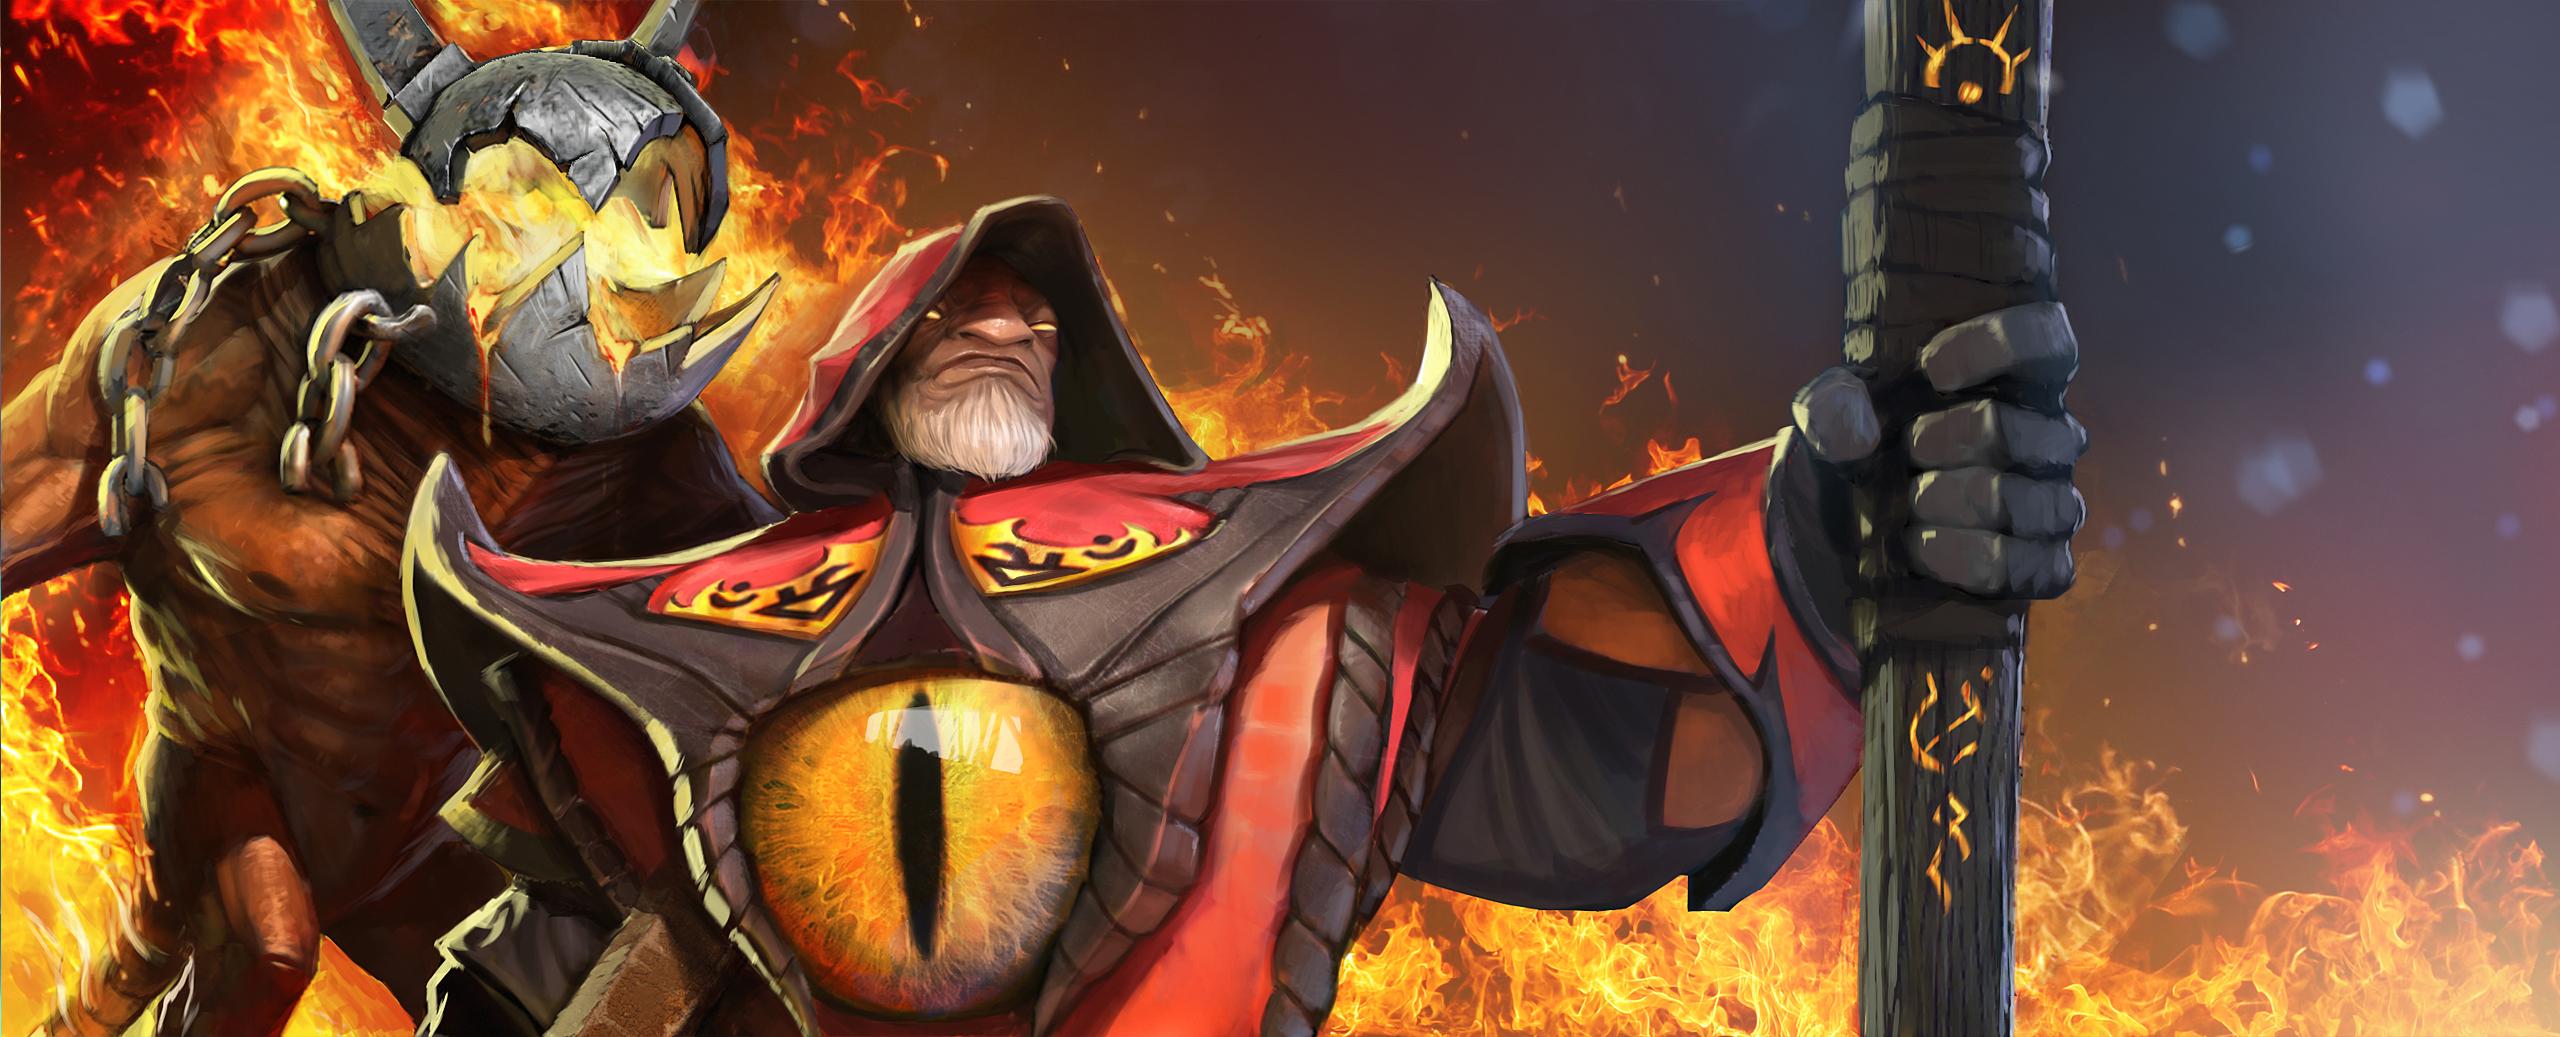 Loạt ảnh nguyên họa của các hero trong DotA 2 - Ảnh 5